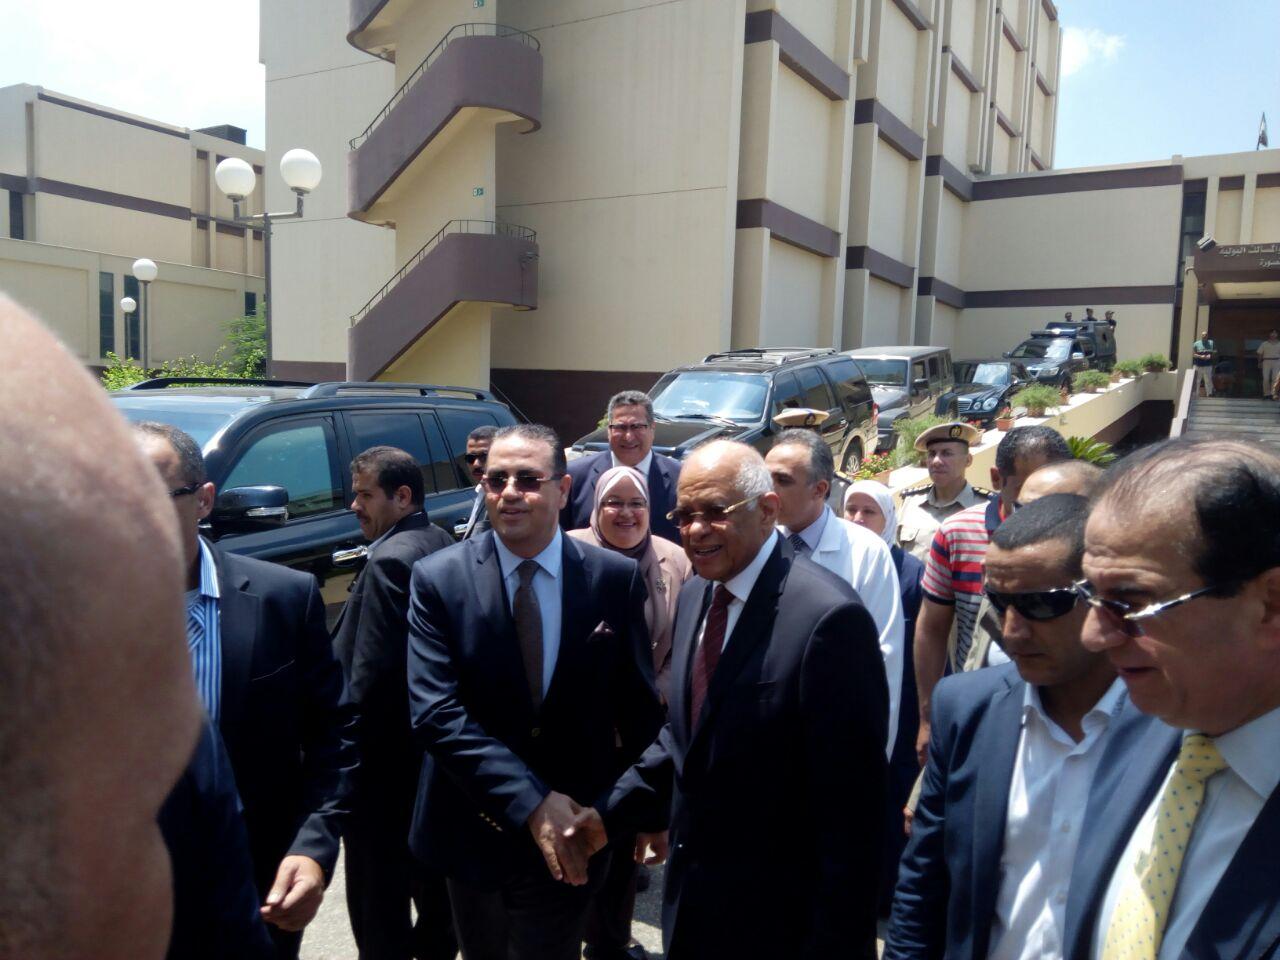 الدكتور على عبد العال رئيس مجلس النواب فى جامعة المنصورة